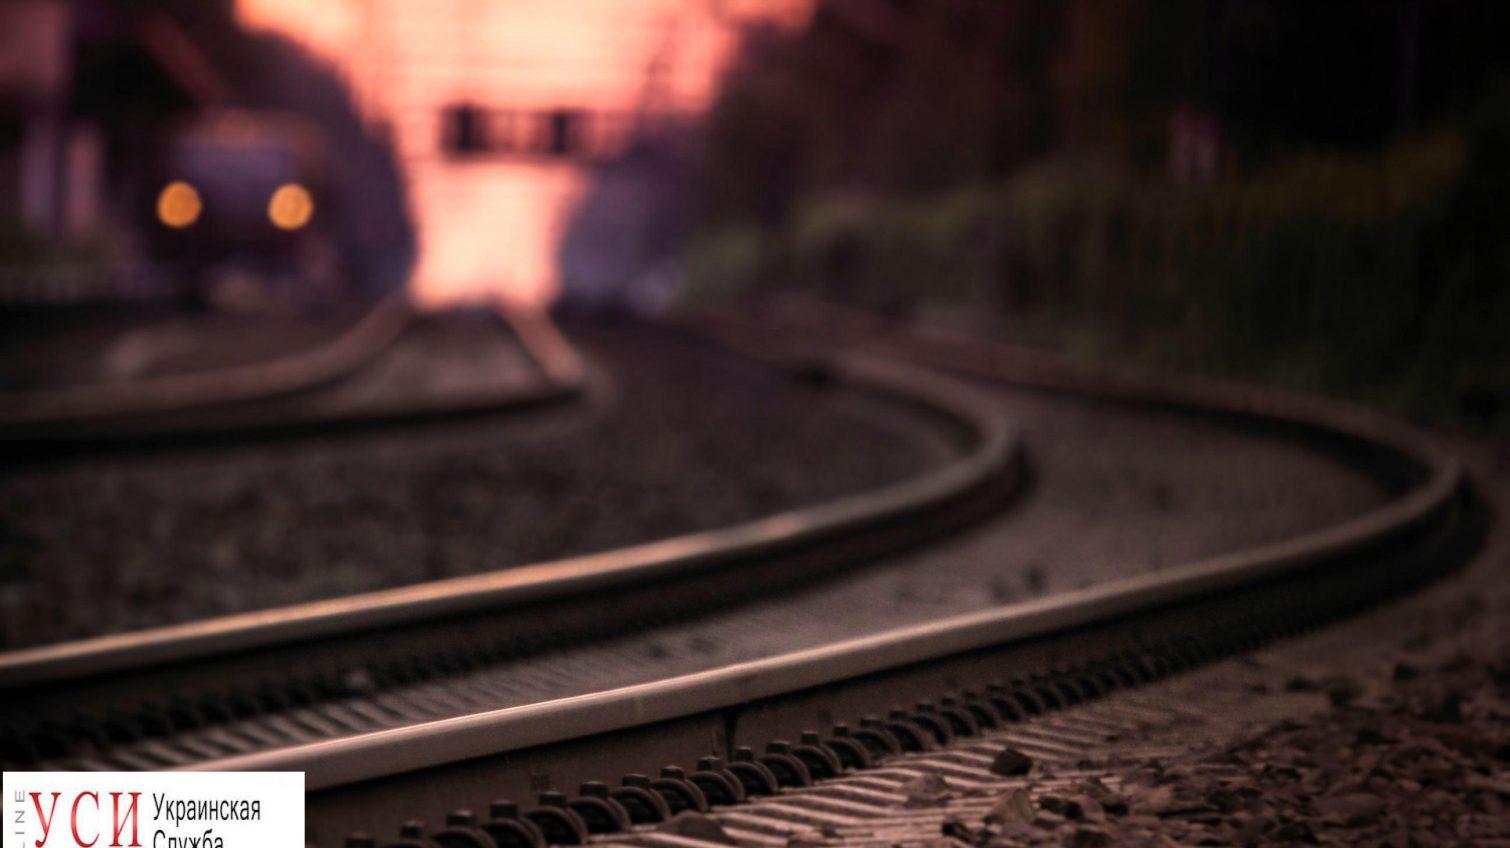 Одесская железная дорога потеряла 6 миллионов из-за воров «фото»